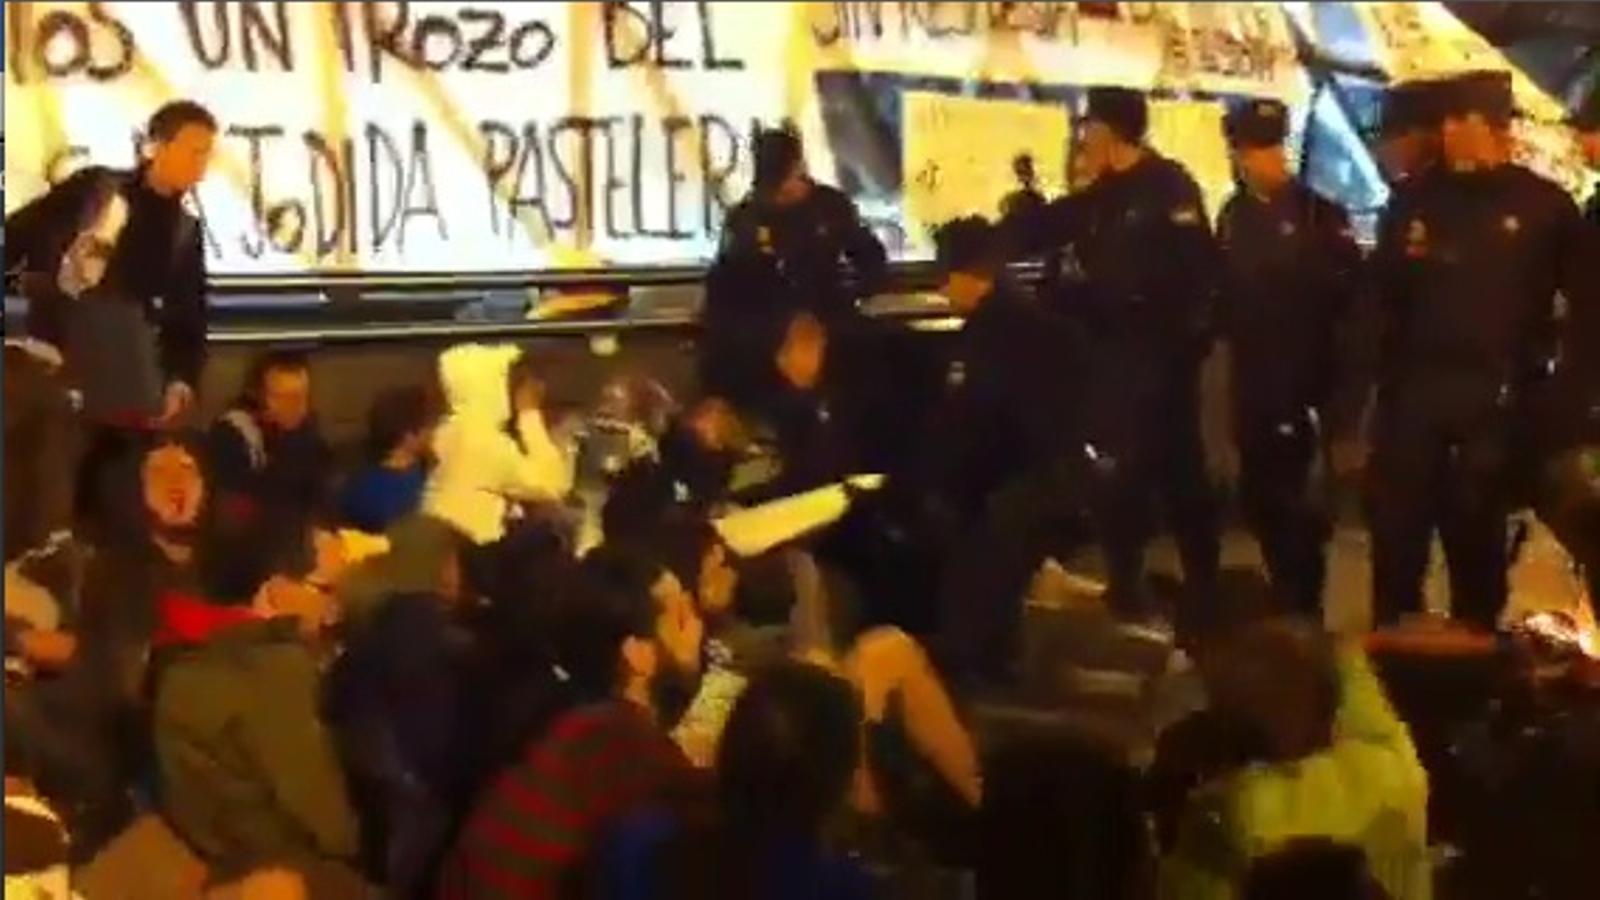 La policia fa fora els manifestants de la Puerta del Sol